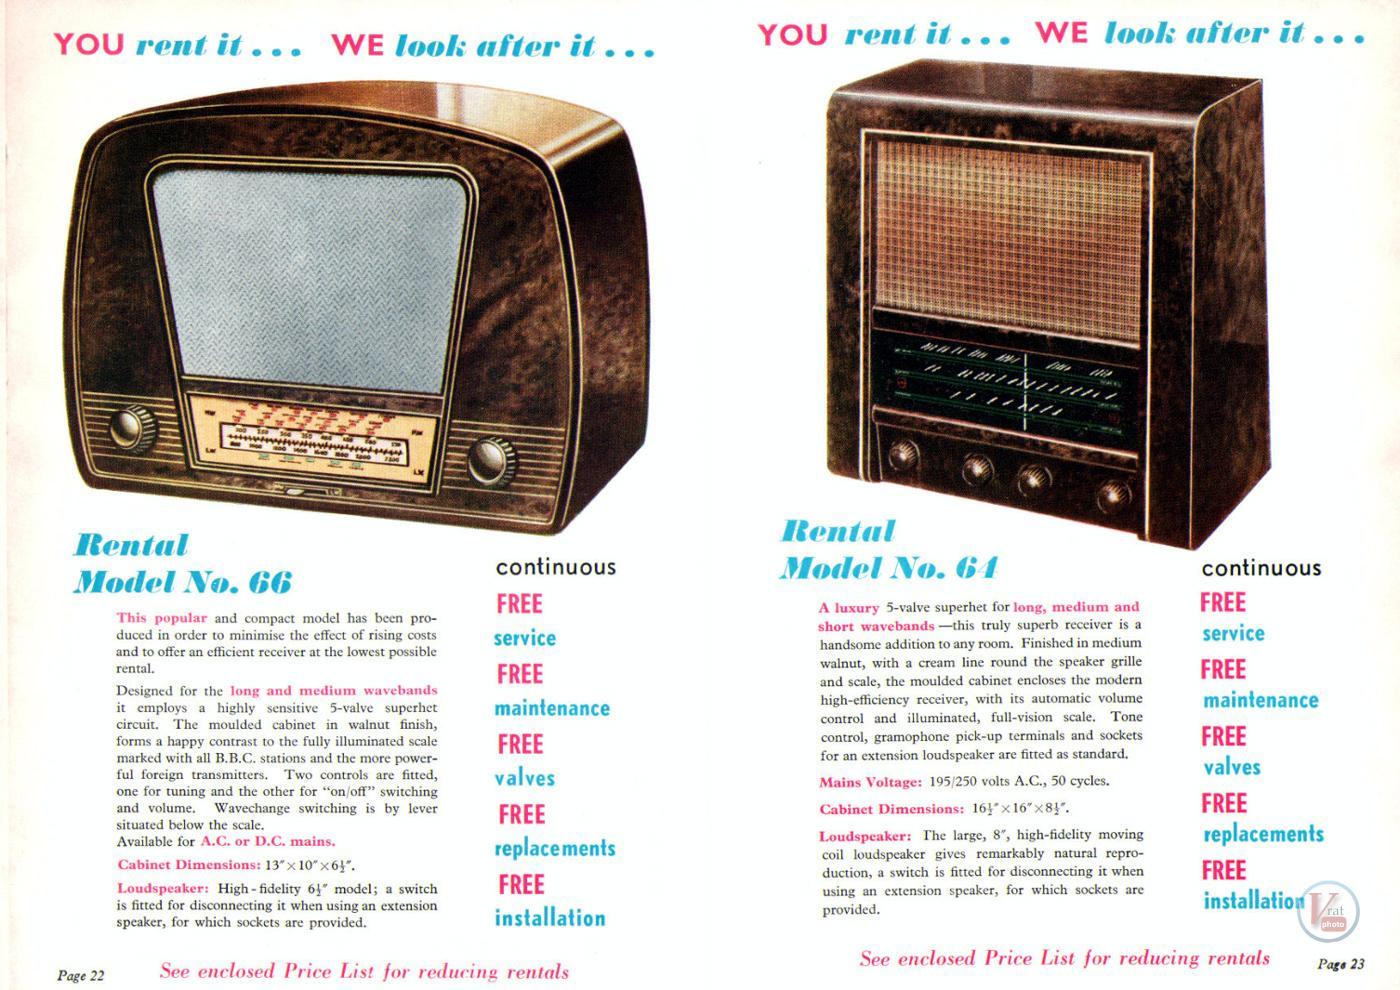 1957 Radio Rentals Catalogue 61